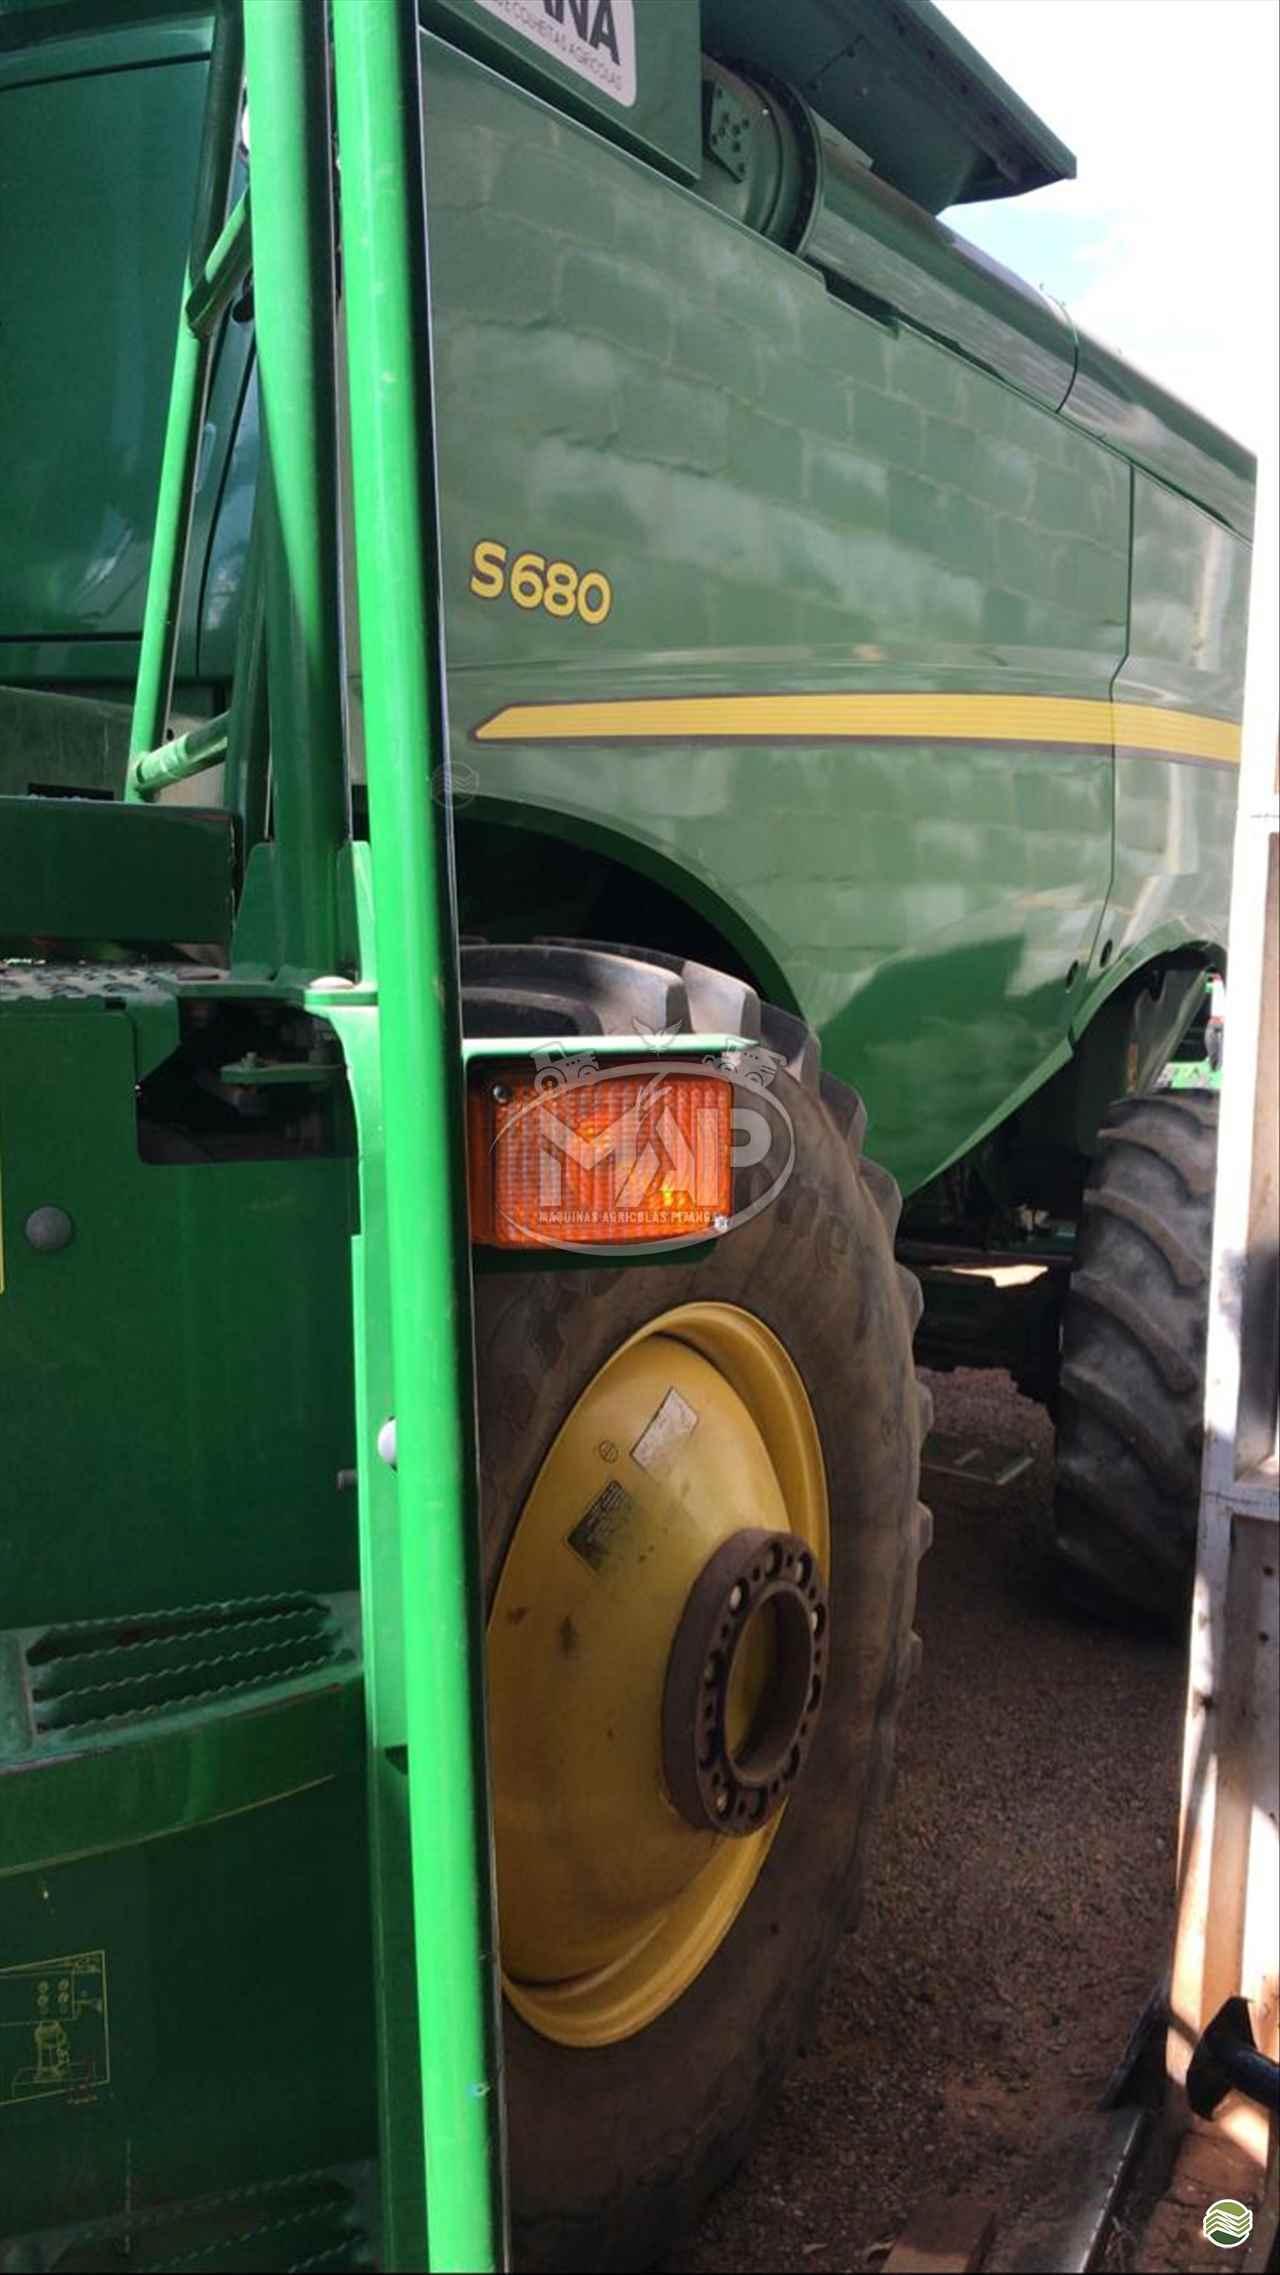 COLHEITADEIRA JOHN DEERE JOHN DEERE S680 Máquinas Agrícolas Pitanga PITANGA PARANÁ PR